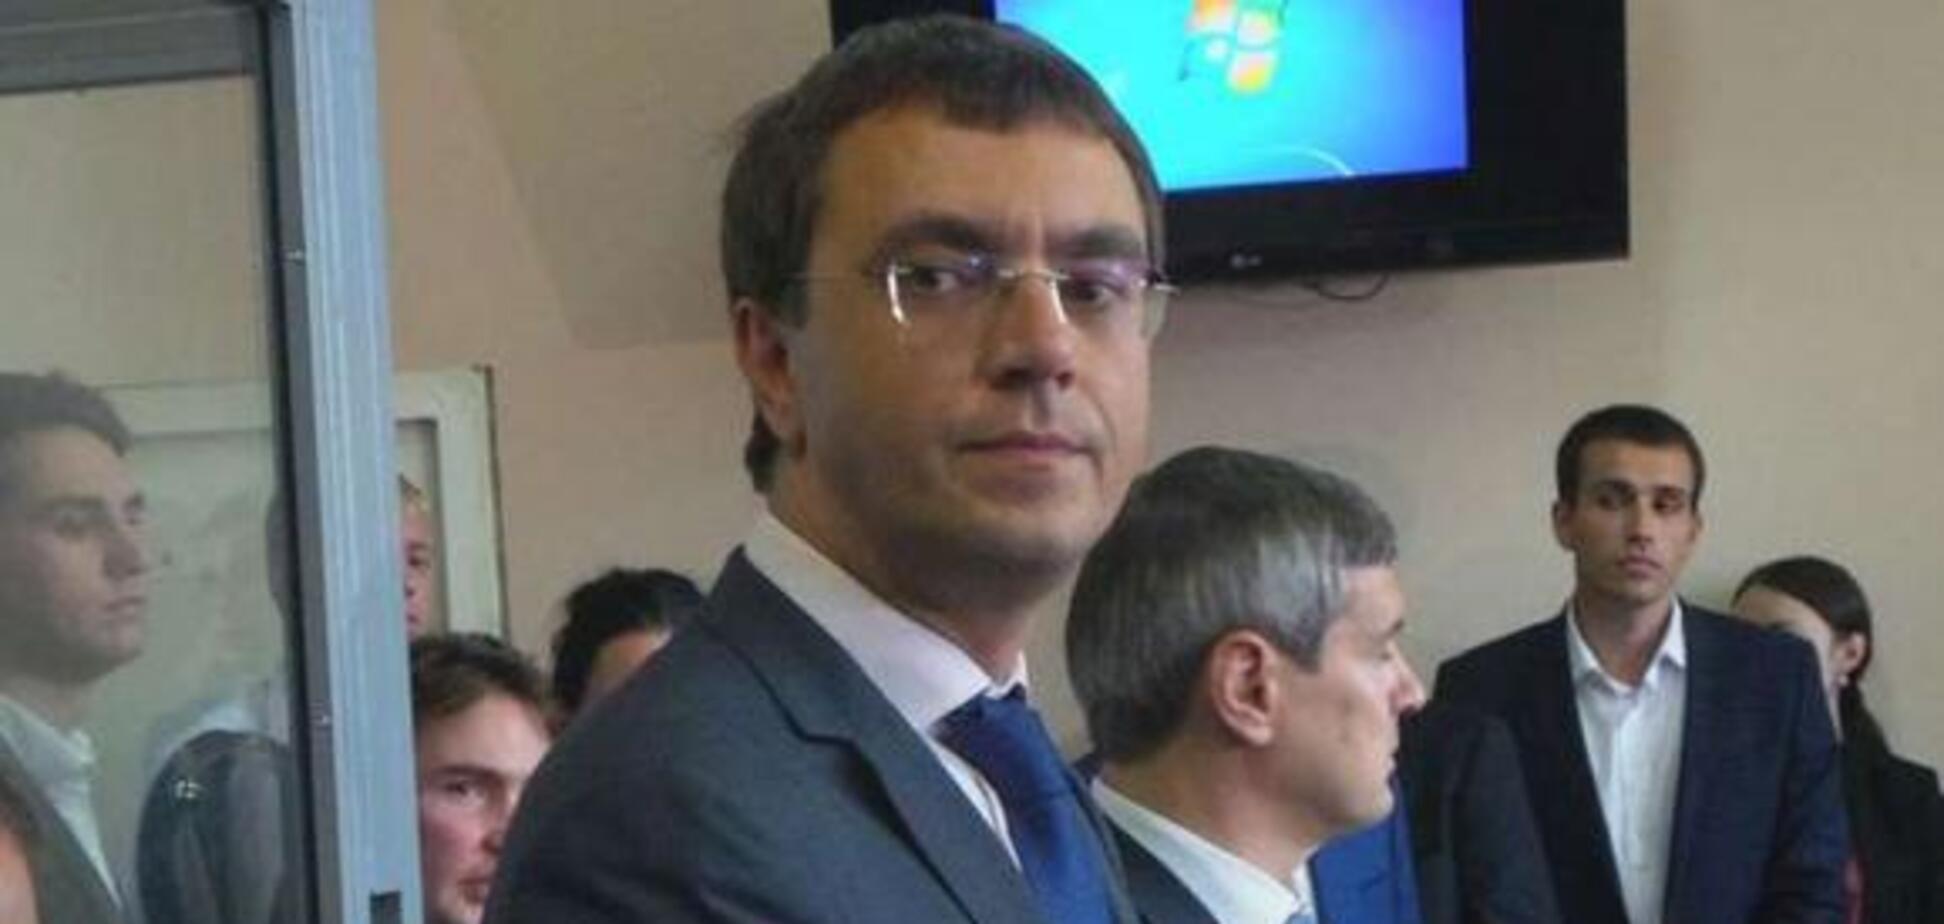 АСС выступила в поддержку Емельяна по делу НАБУ по портовых сборов. Источник: эспрессо